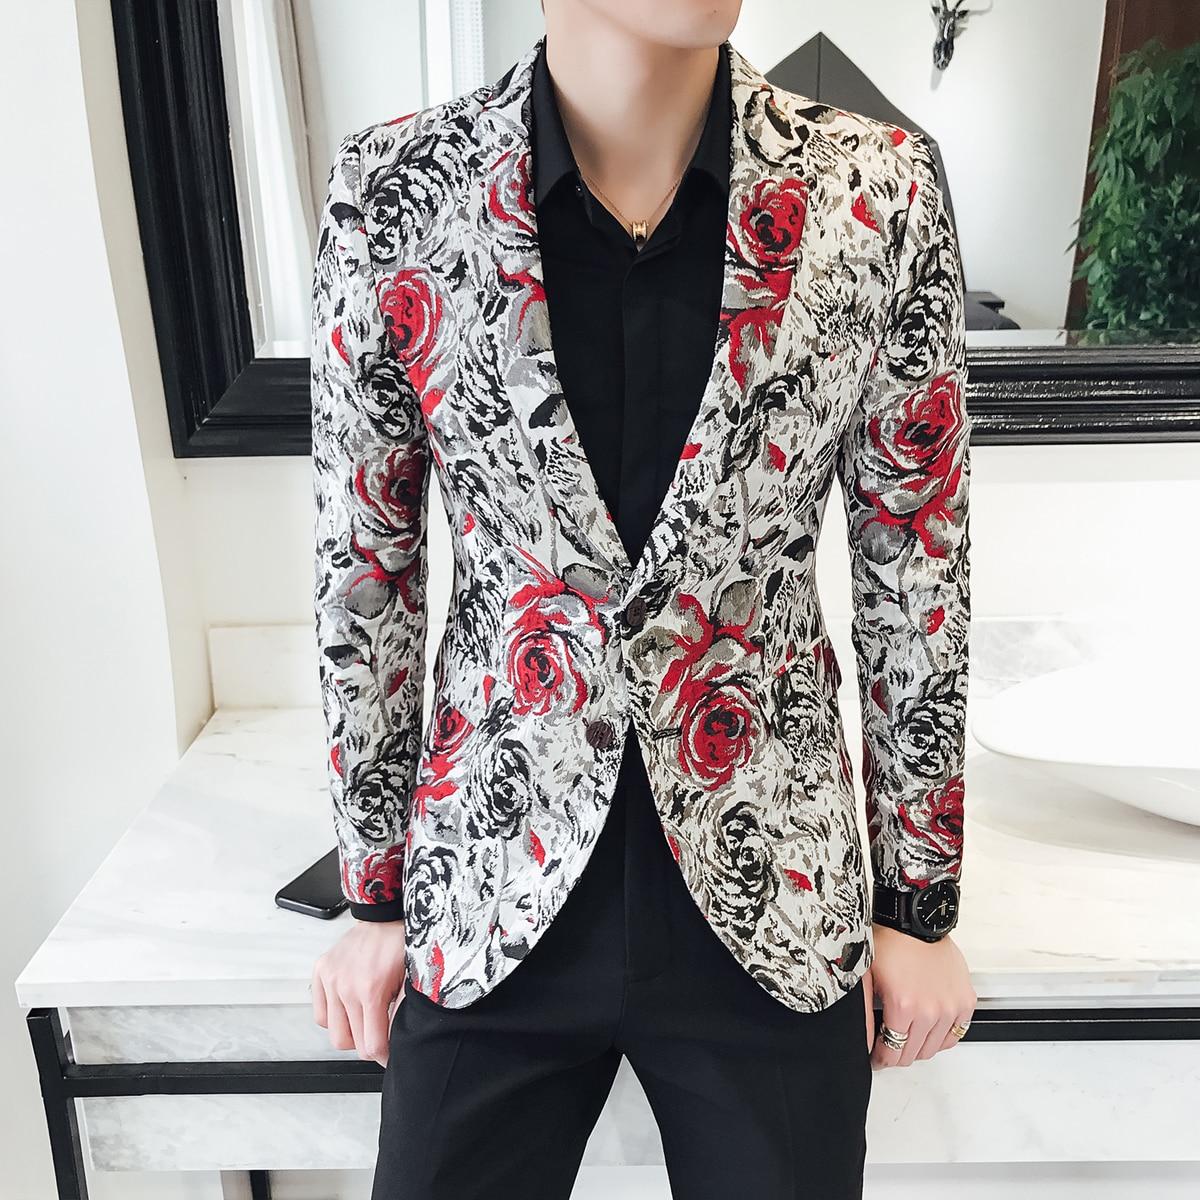 Mu Yuan Yang Autumn And Winter Men s Casual Jackets Coats Men s Fashion Windbreaker Jacket